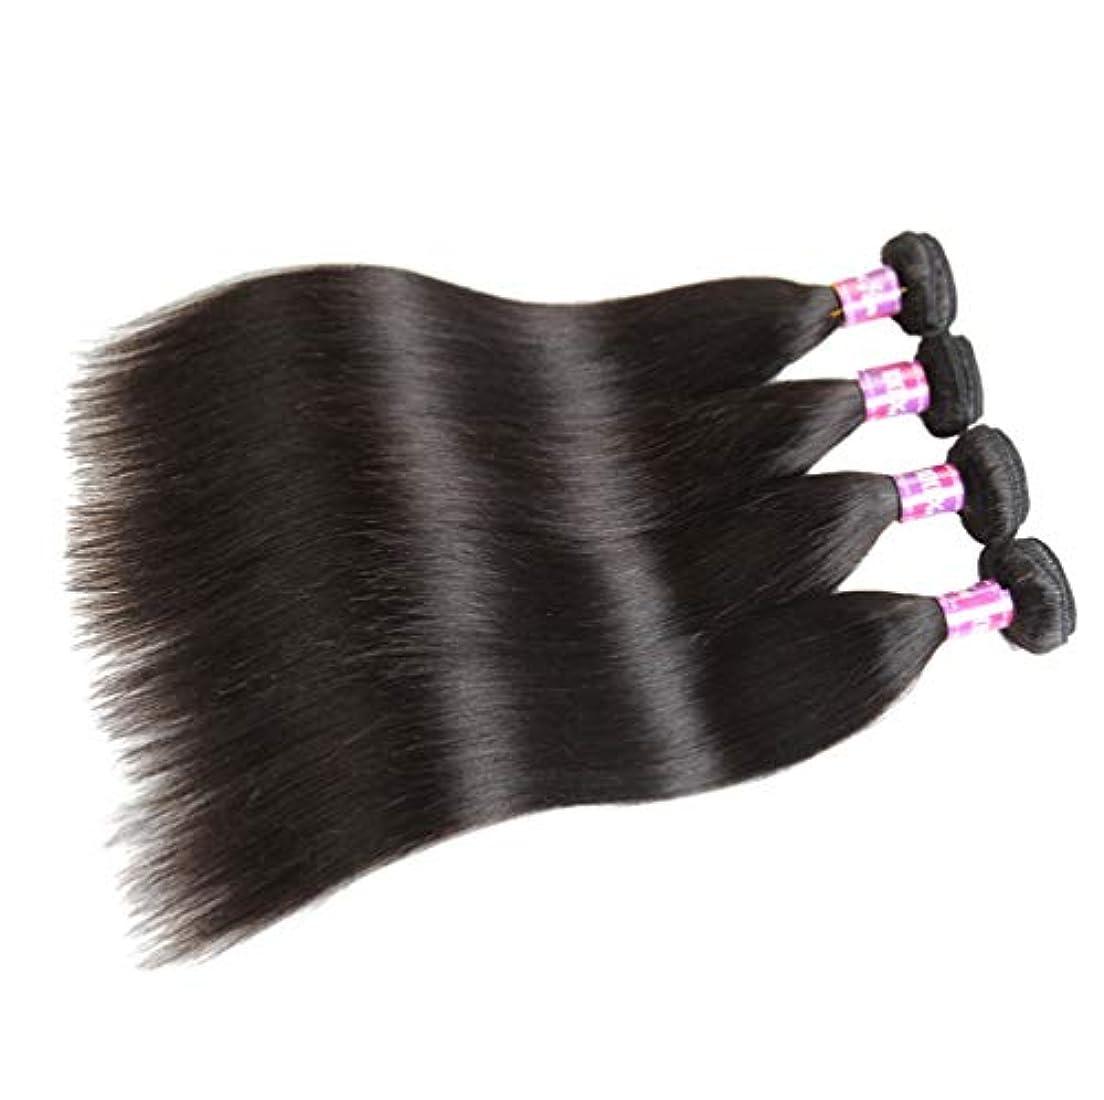 驚いたことに窒息させる南アメリカブラジルのストレートヘアバンドル安いブラジルのヘアバンドルストレートの人間の髪のバンドルナチュラルブラックカラー300g(3バンドル)